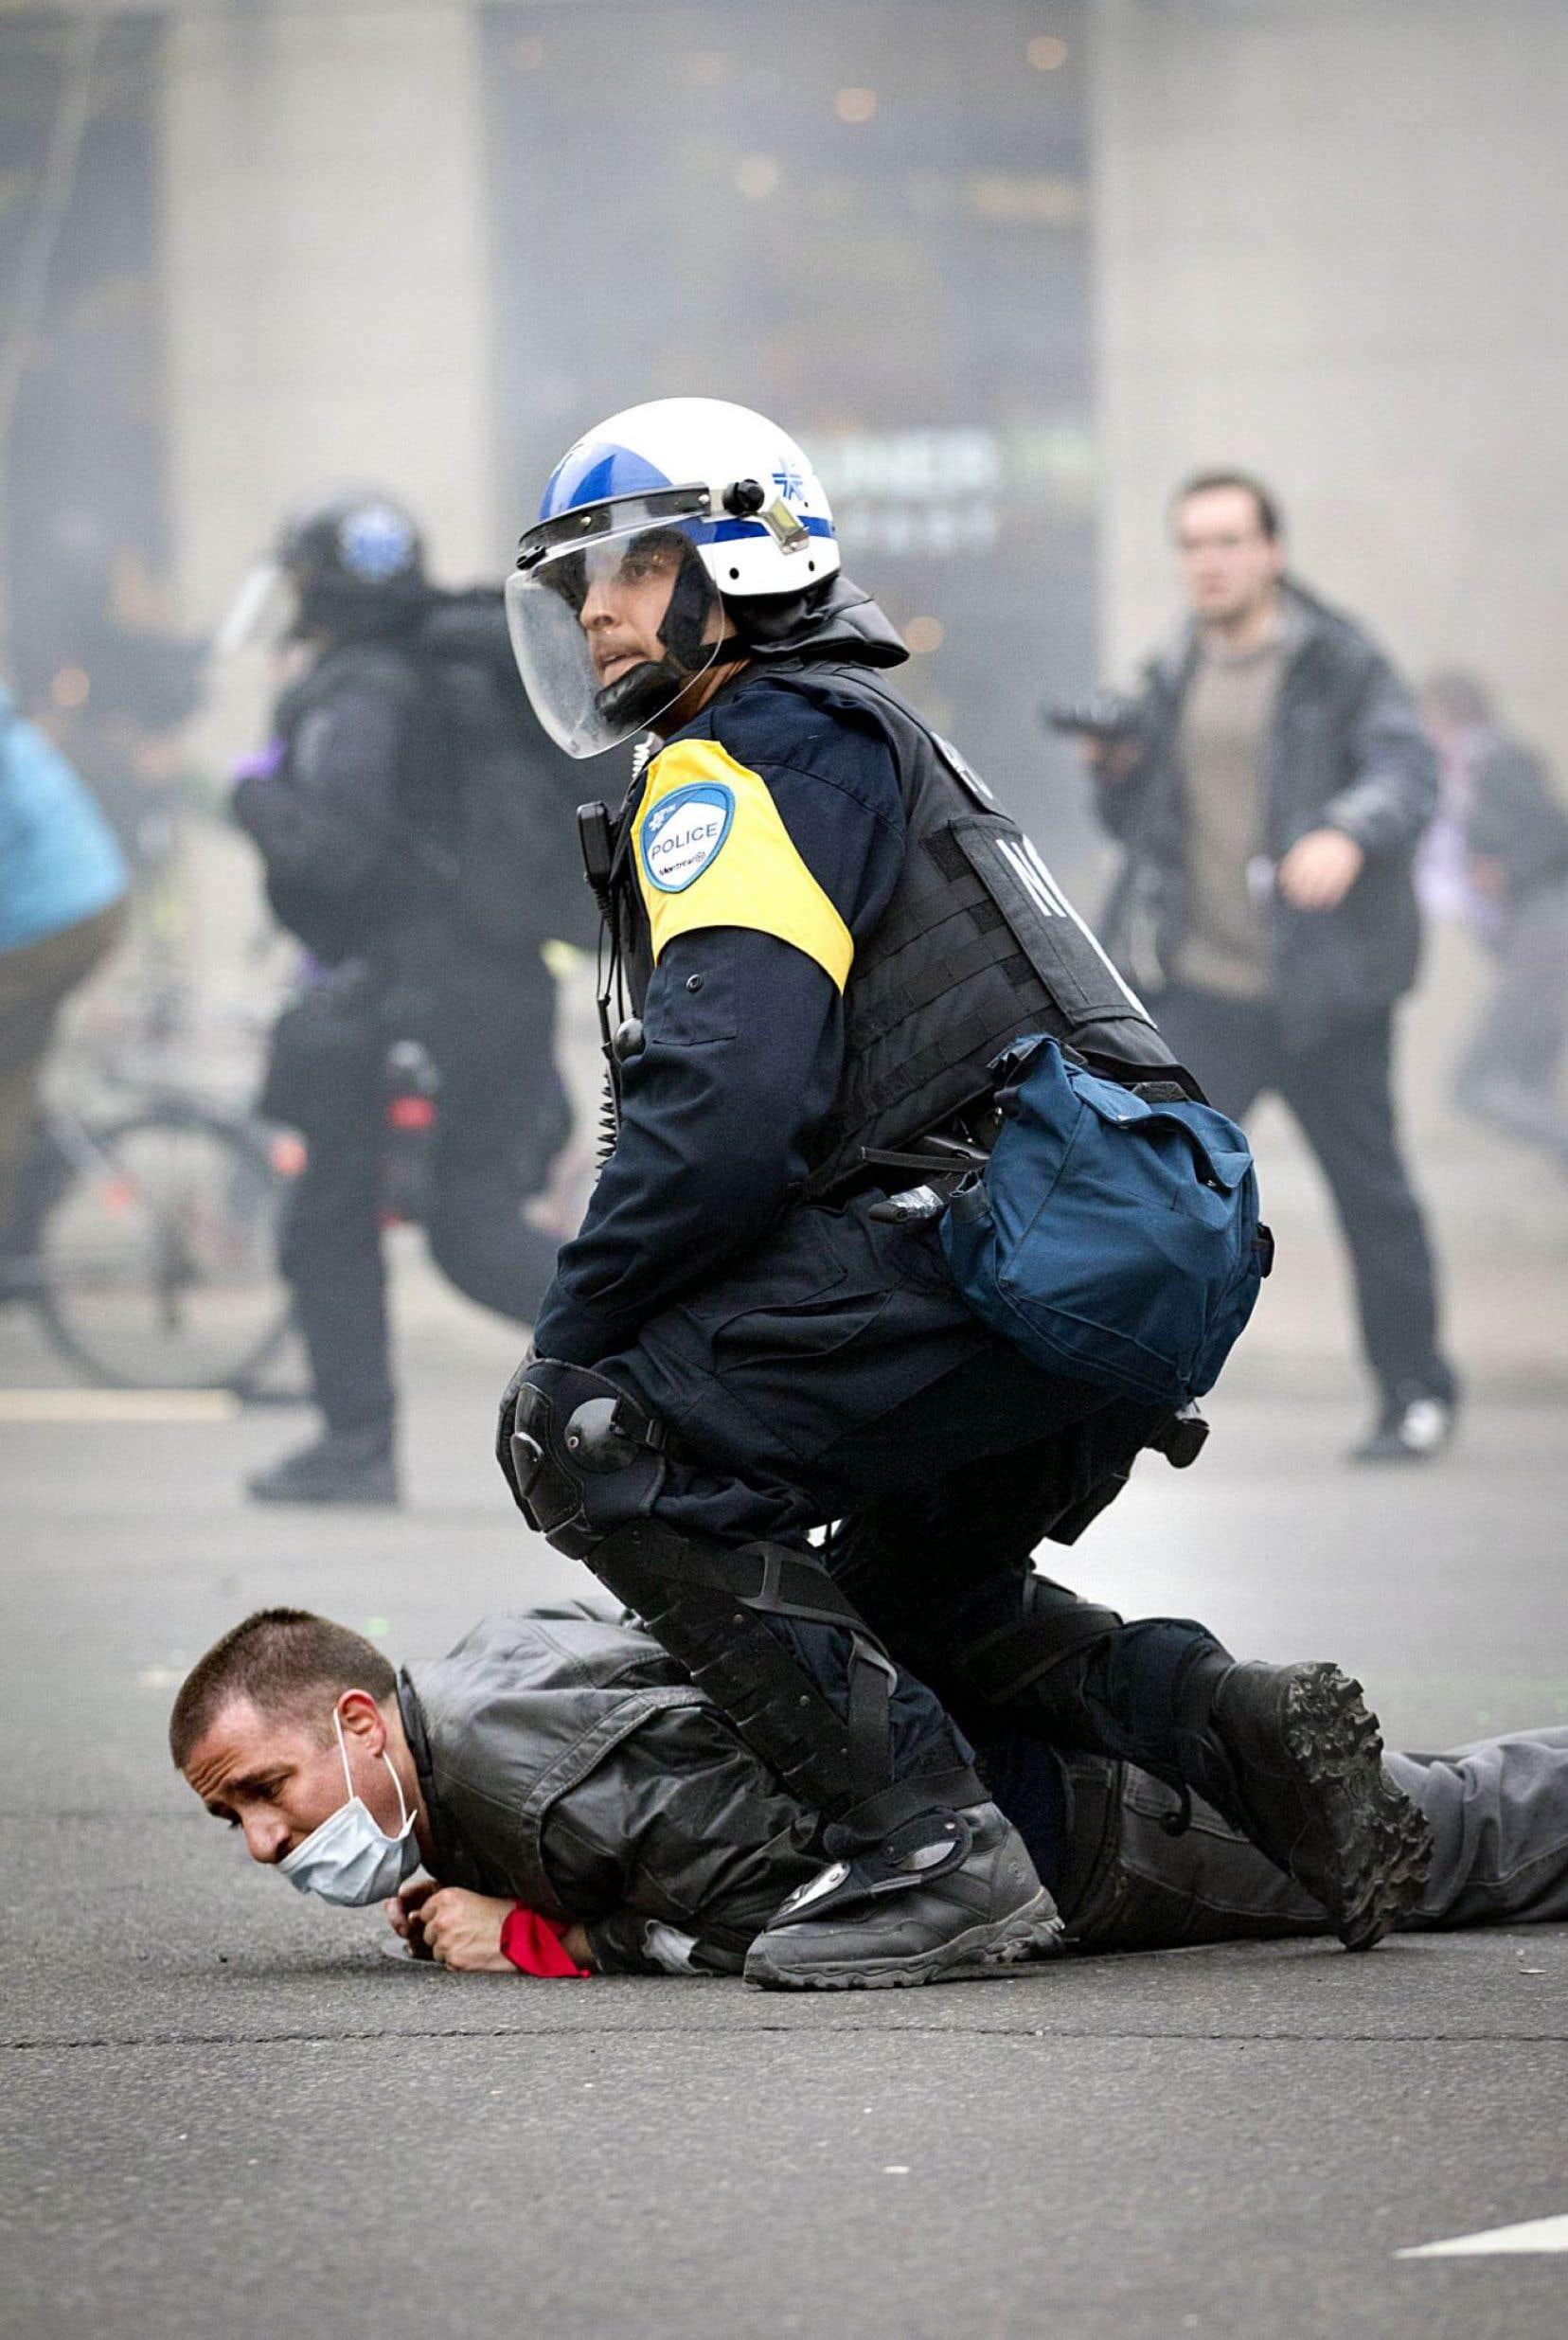 Selon un rapport de la Ligue des droits et libertés, il y a eu près de 7000 arrestations à caractère politique au Québec depuis 2011.